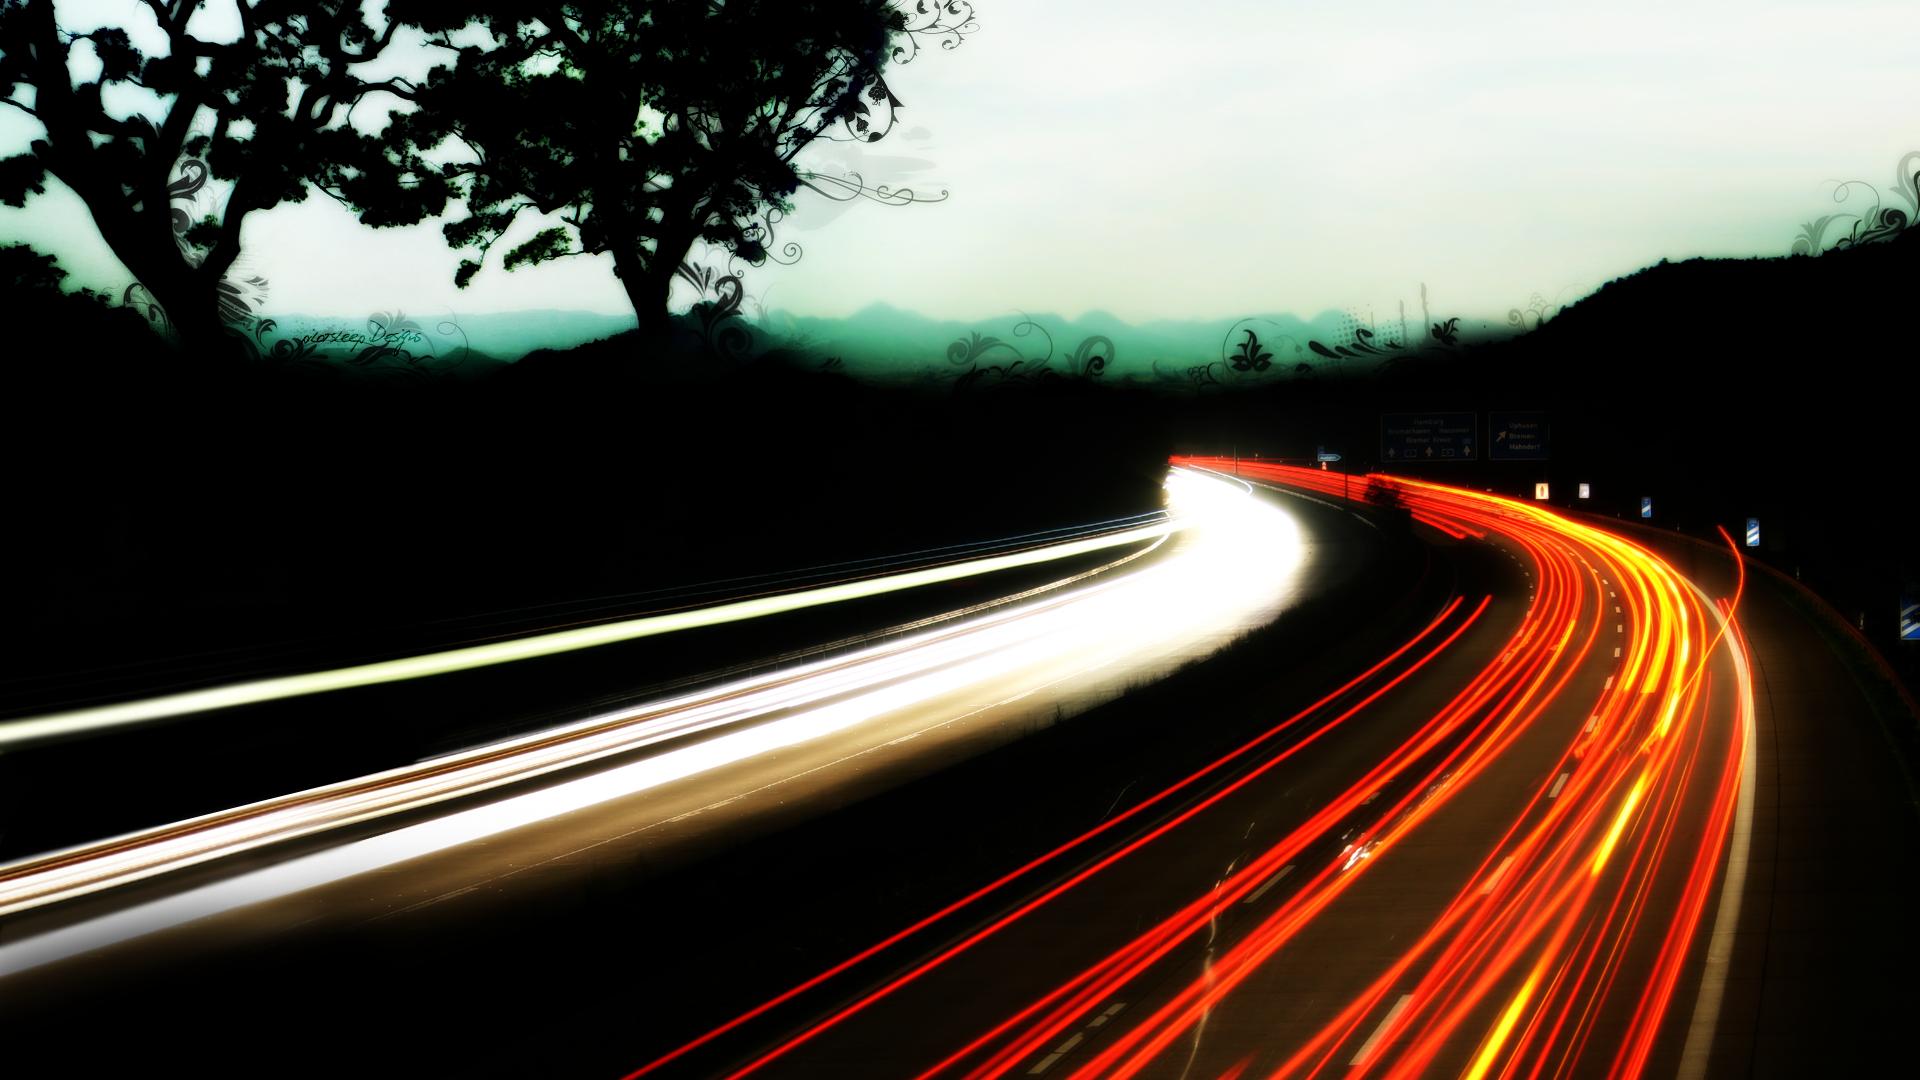 Motorway lights wallpaper